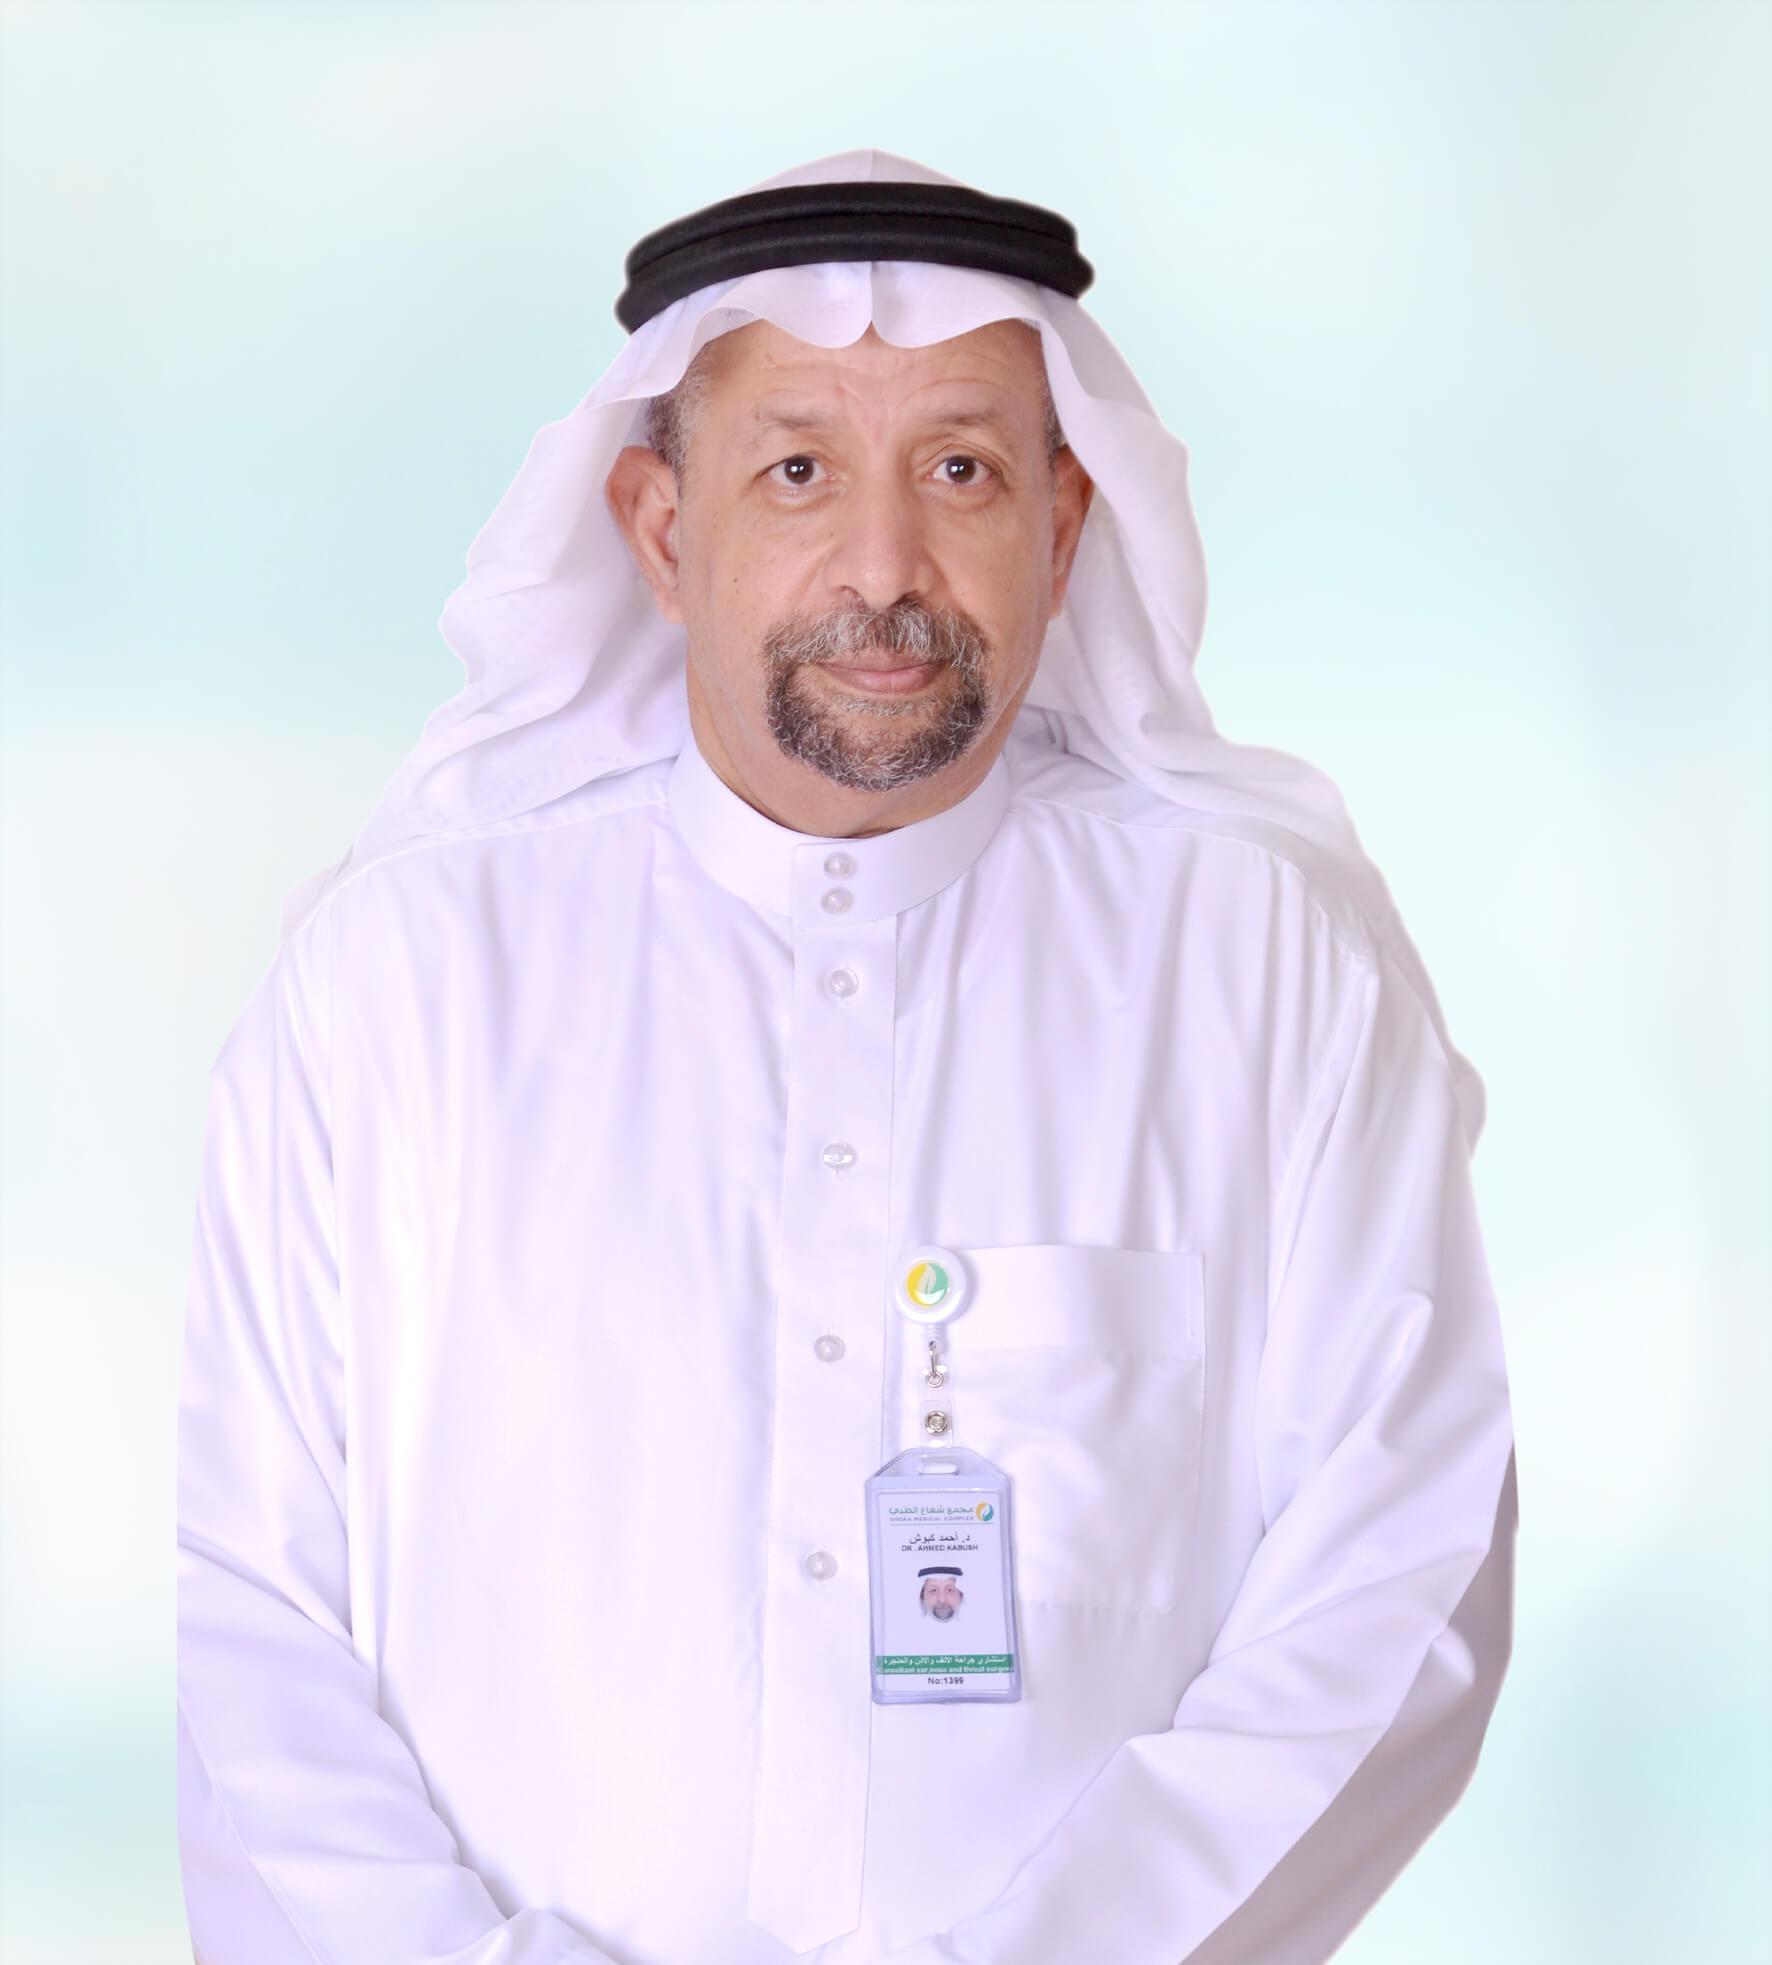 https://shoaamc.com/wp-content/uploads/2020/10/احمد-كبوش.jpg